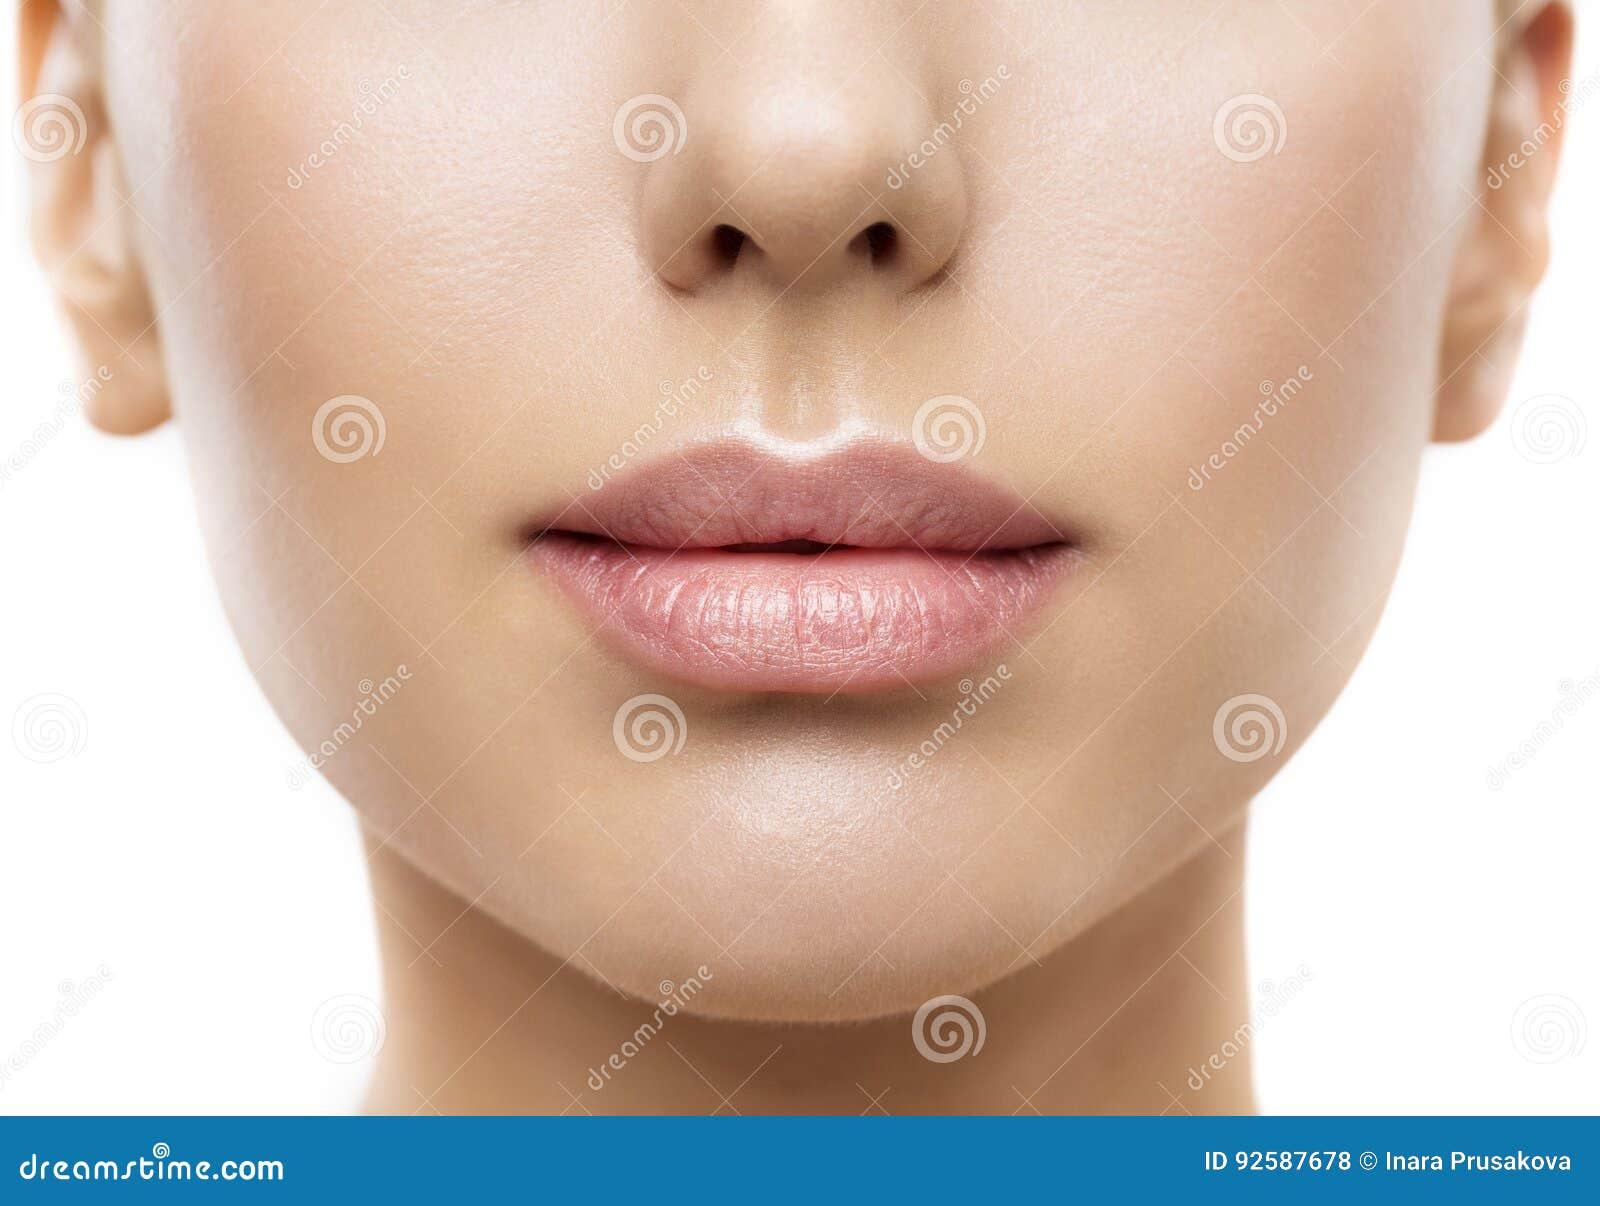 Χείλια, στοματική ομορφιά προσώπου γυναικών, όμορφη πλήρης χειλική κινηματογράφηση σε πρώτο πλάνο δερμάτων